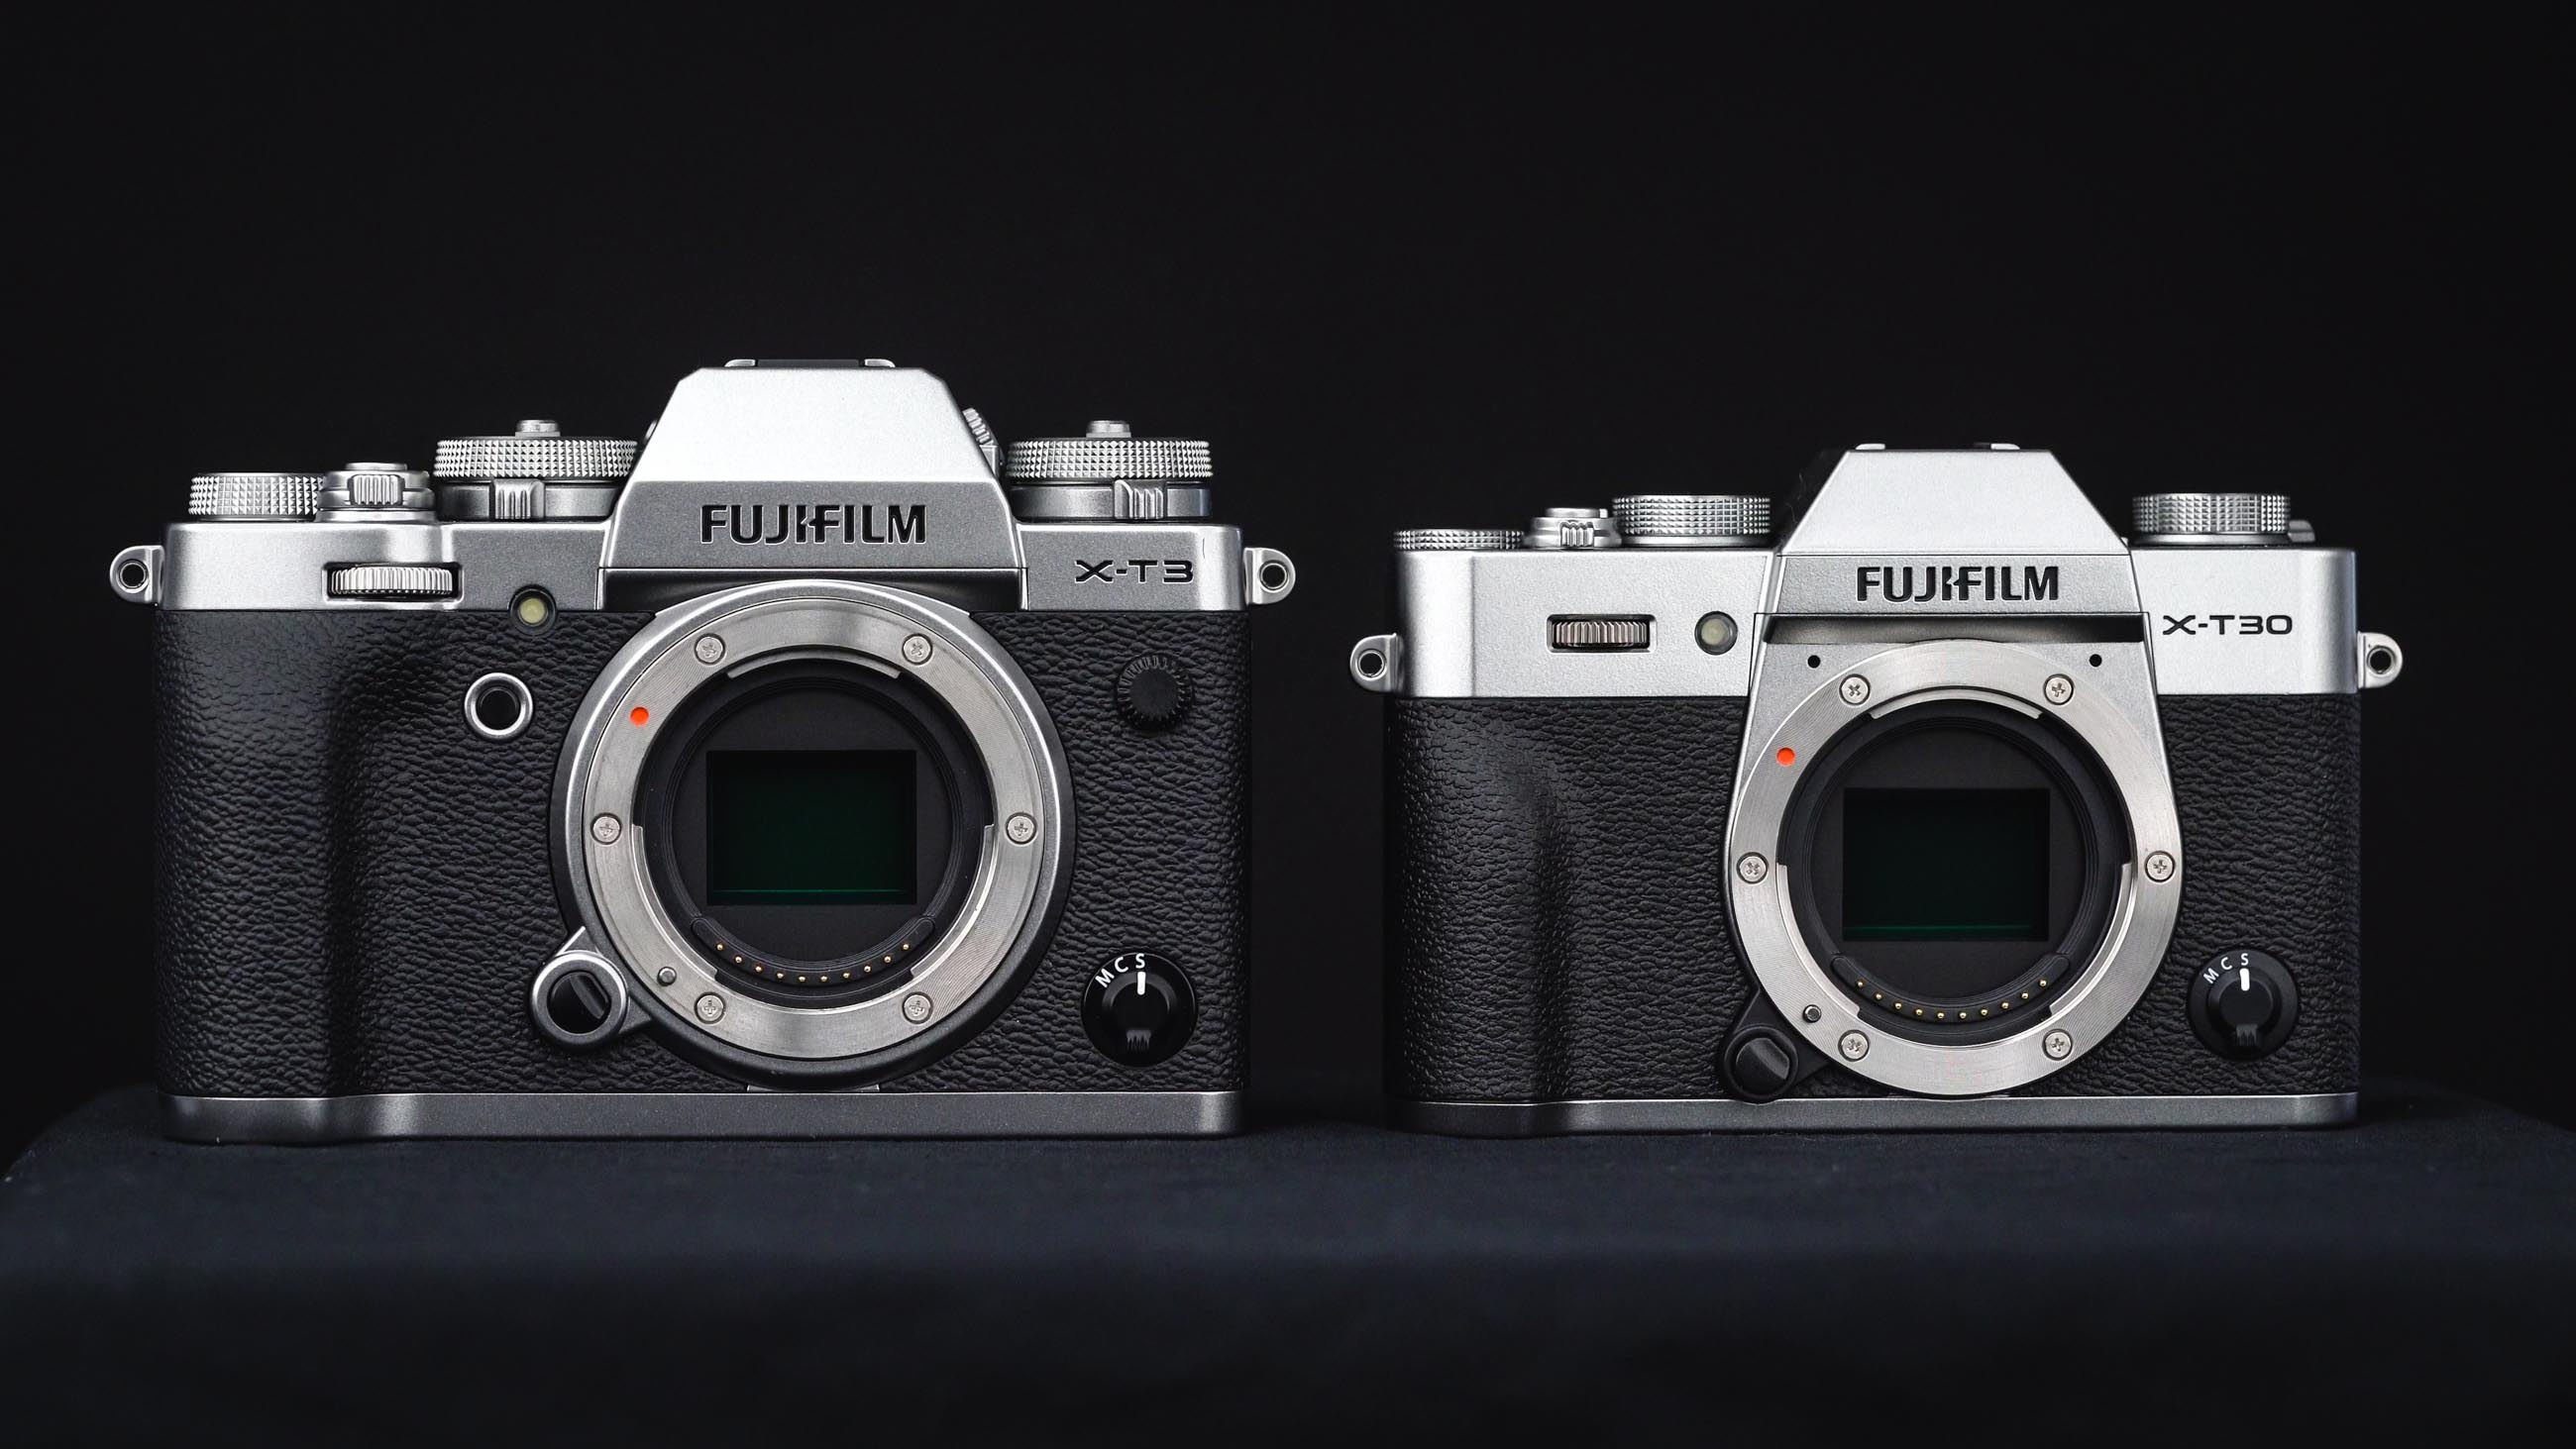 FujifilmX-T30 neben der X-T3